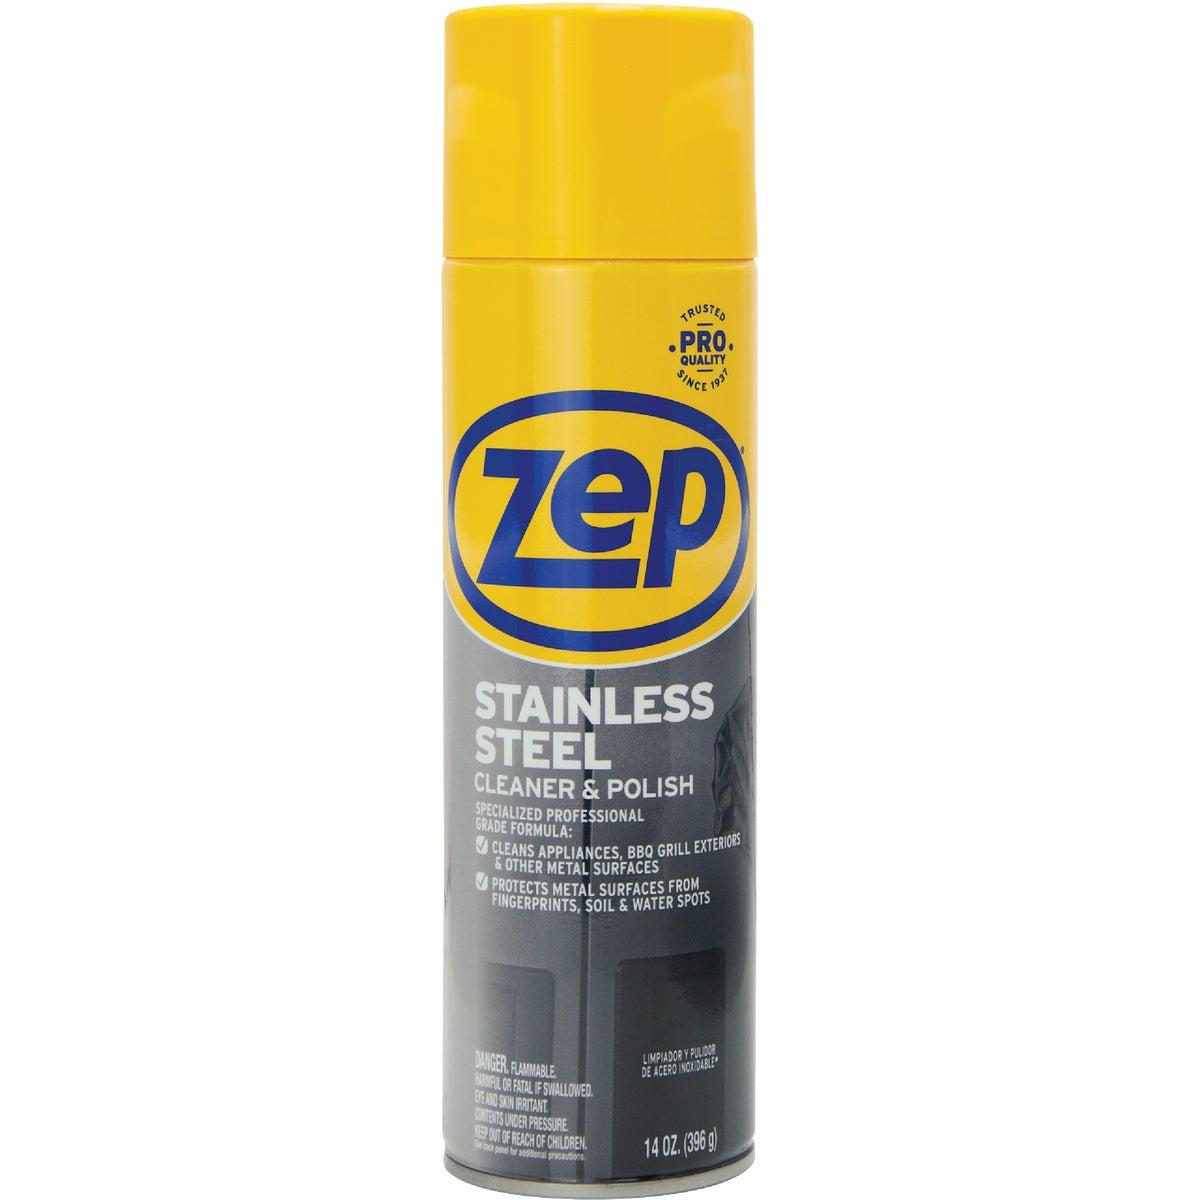 14OZ STAINLS STL CLEANER - ZUSSTL14 by Zep Enforcer Inc